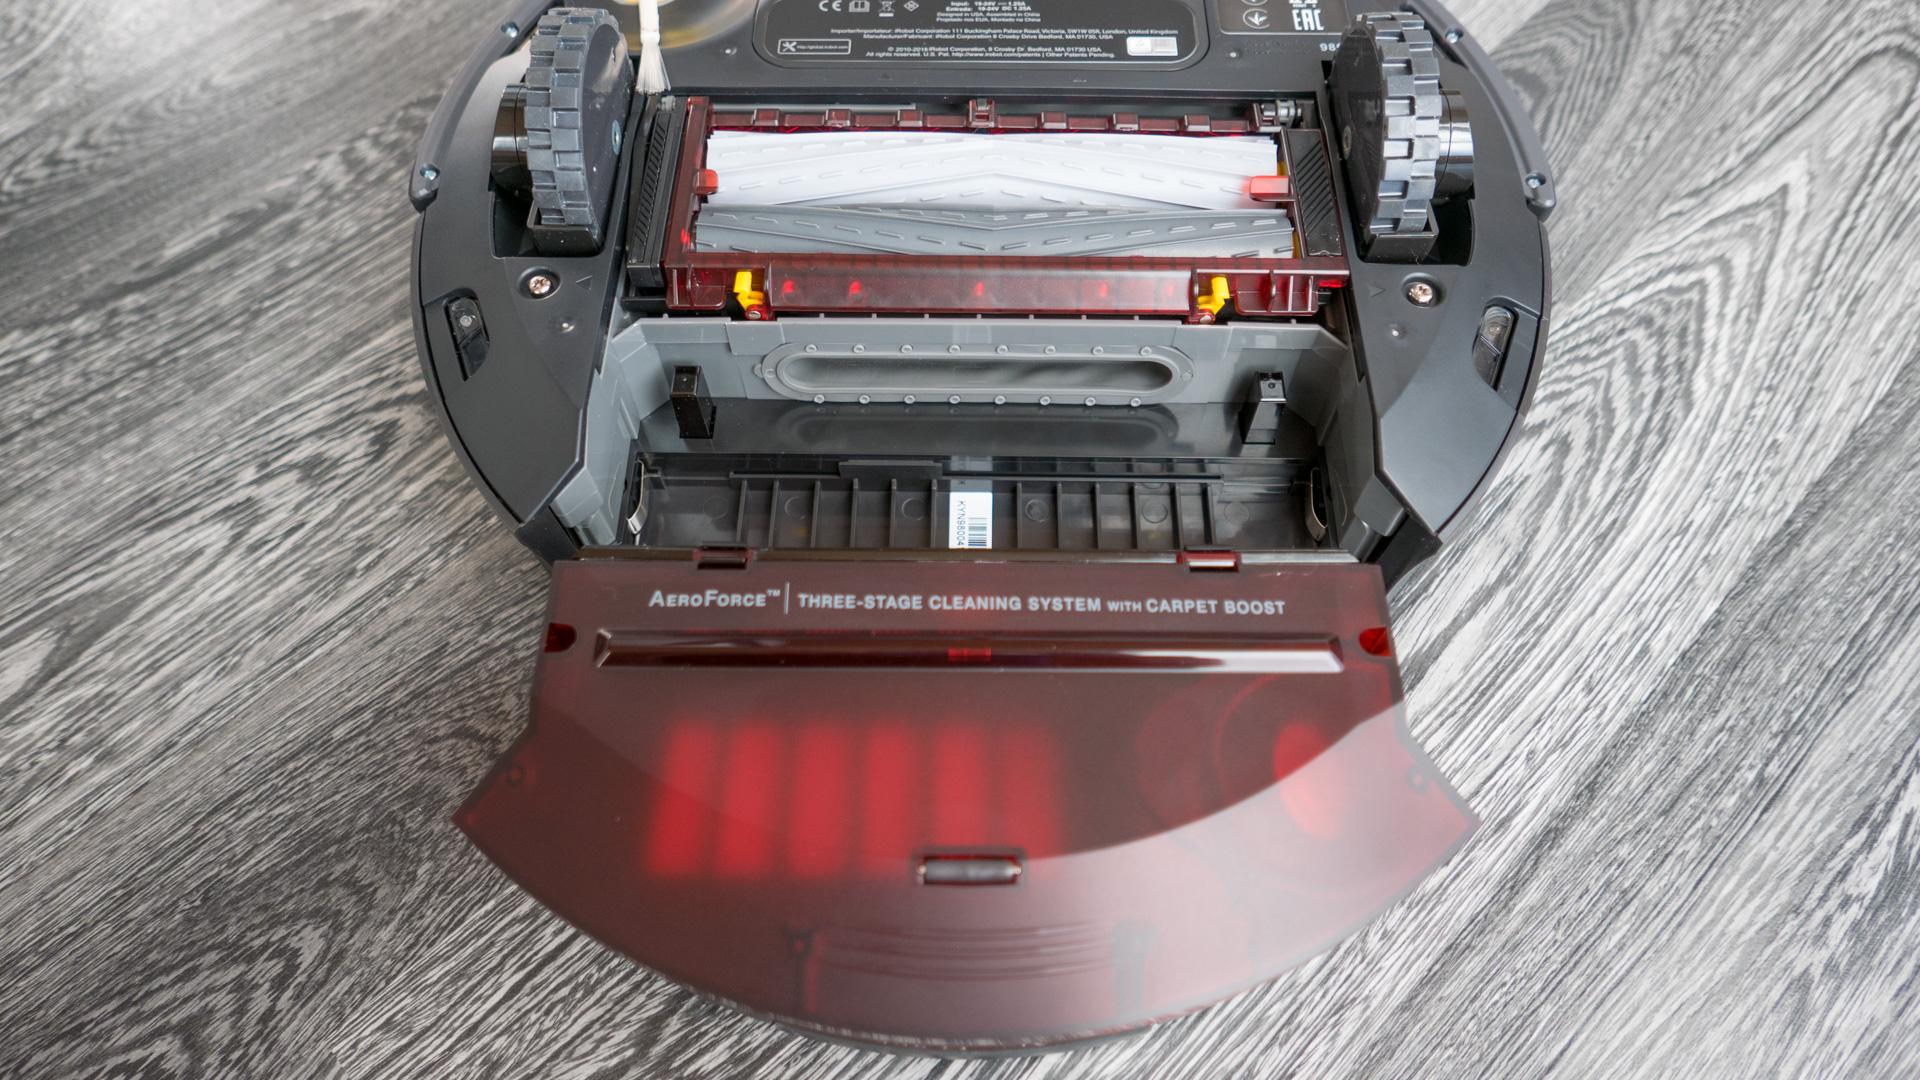 iRobot Roomba 980 Details 18